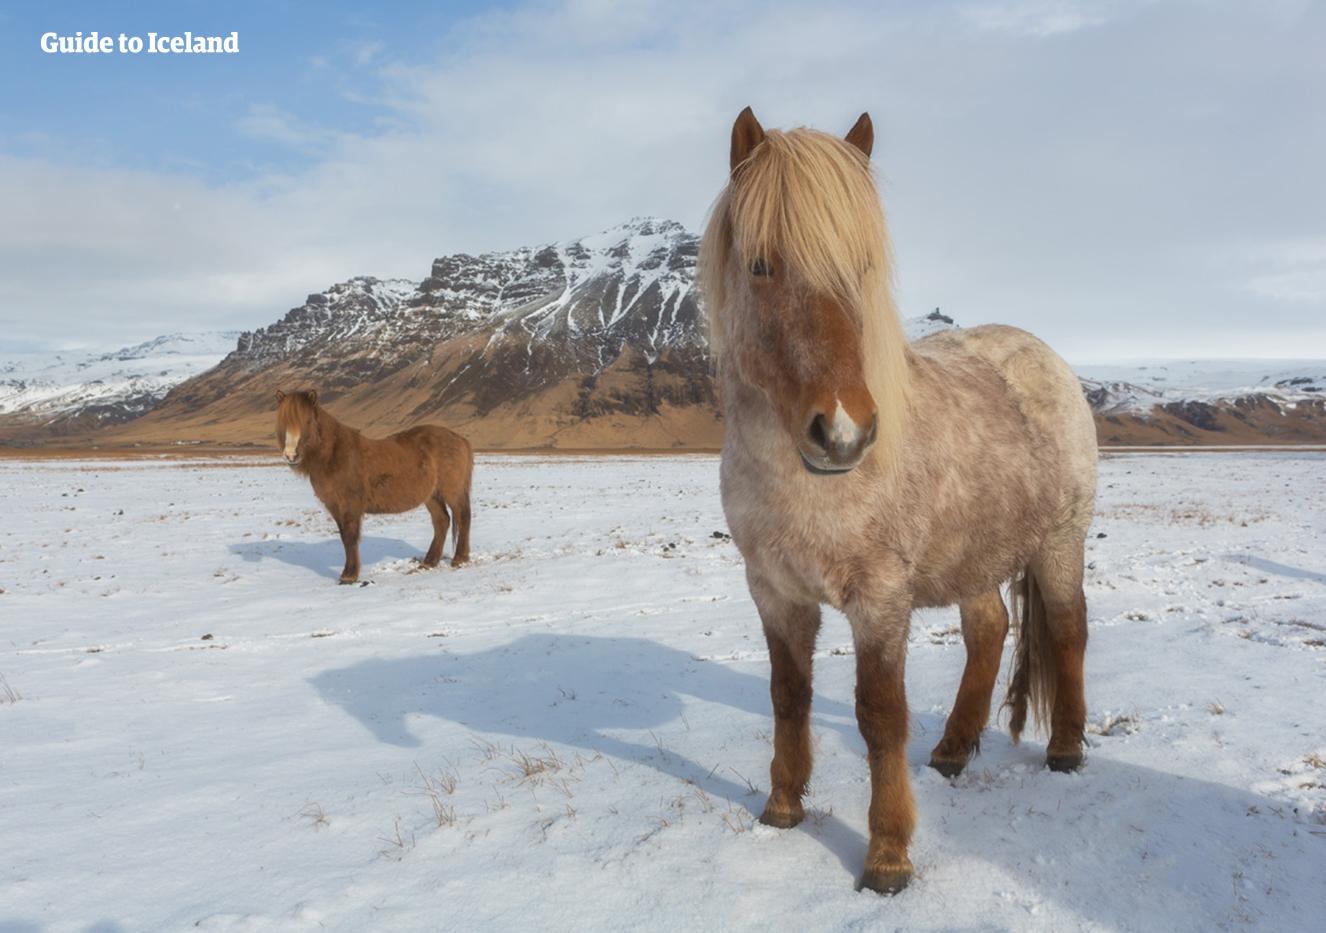 Durante el invierno, el caballo islandés crece una gruesa capa para protegerse del frío.